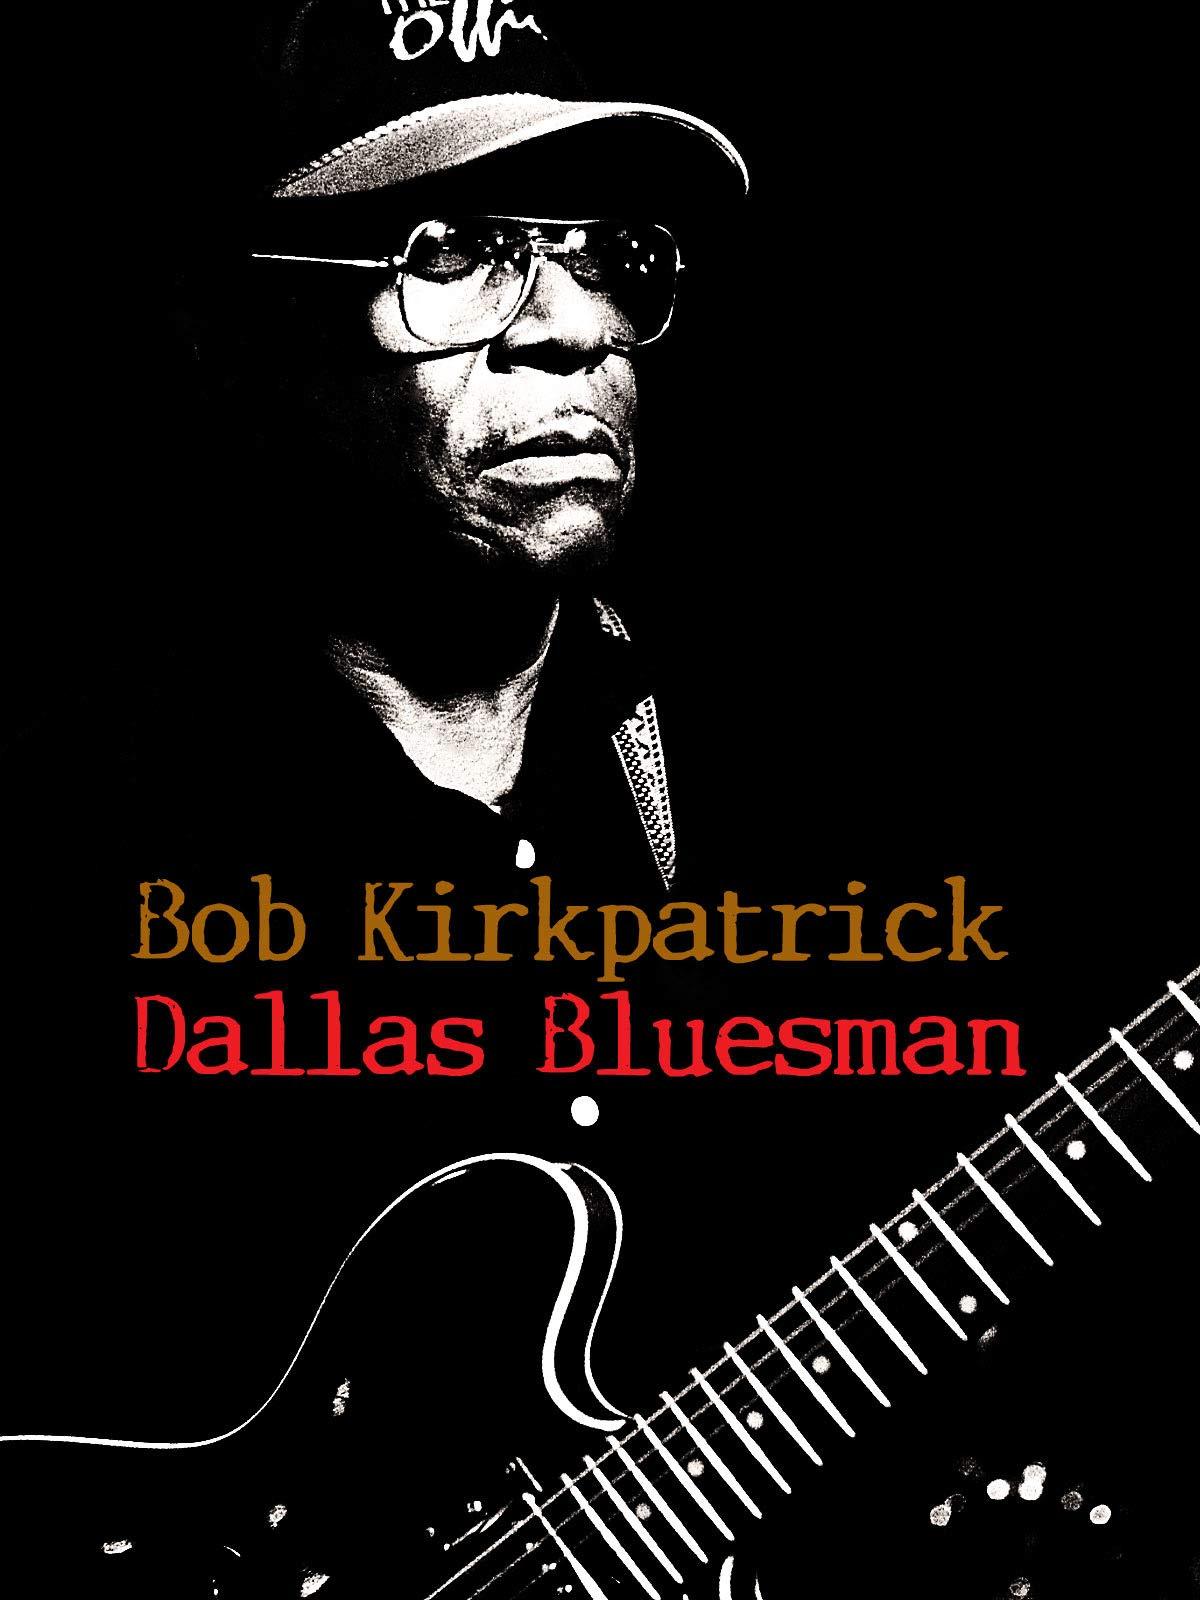 Bob Kirkpatrick - Dallas Bluesman